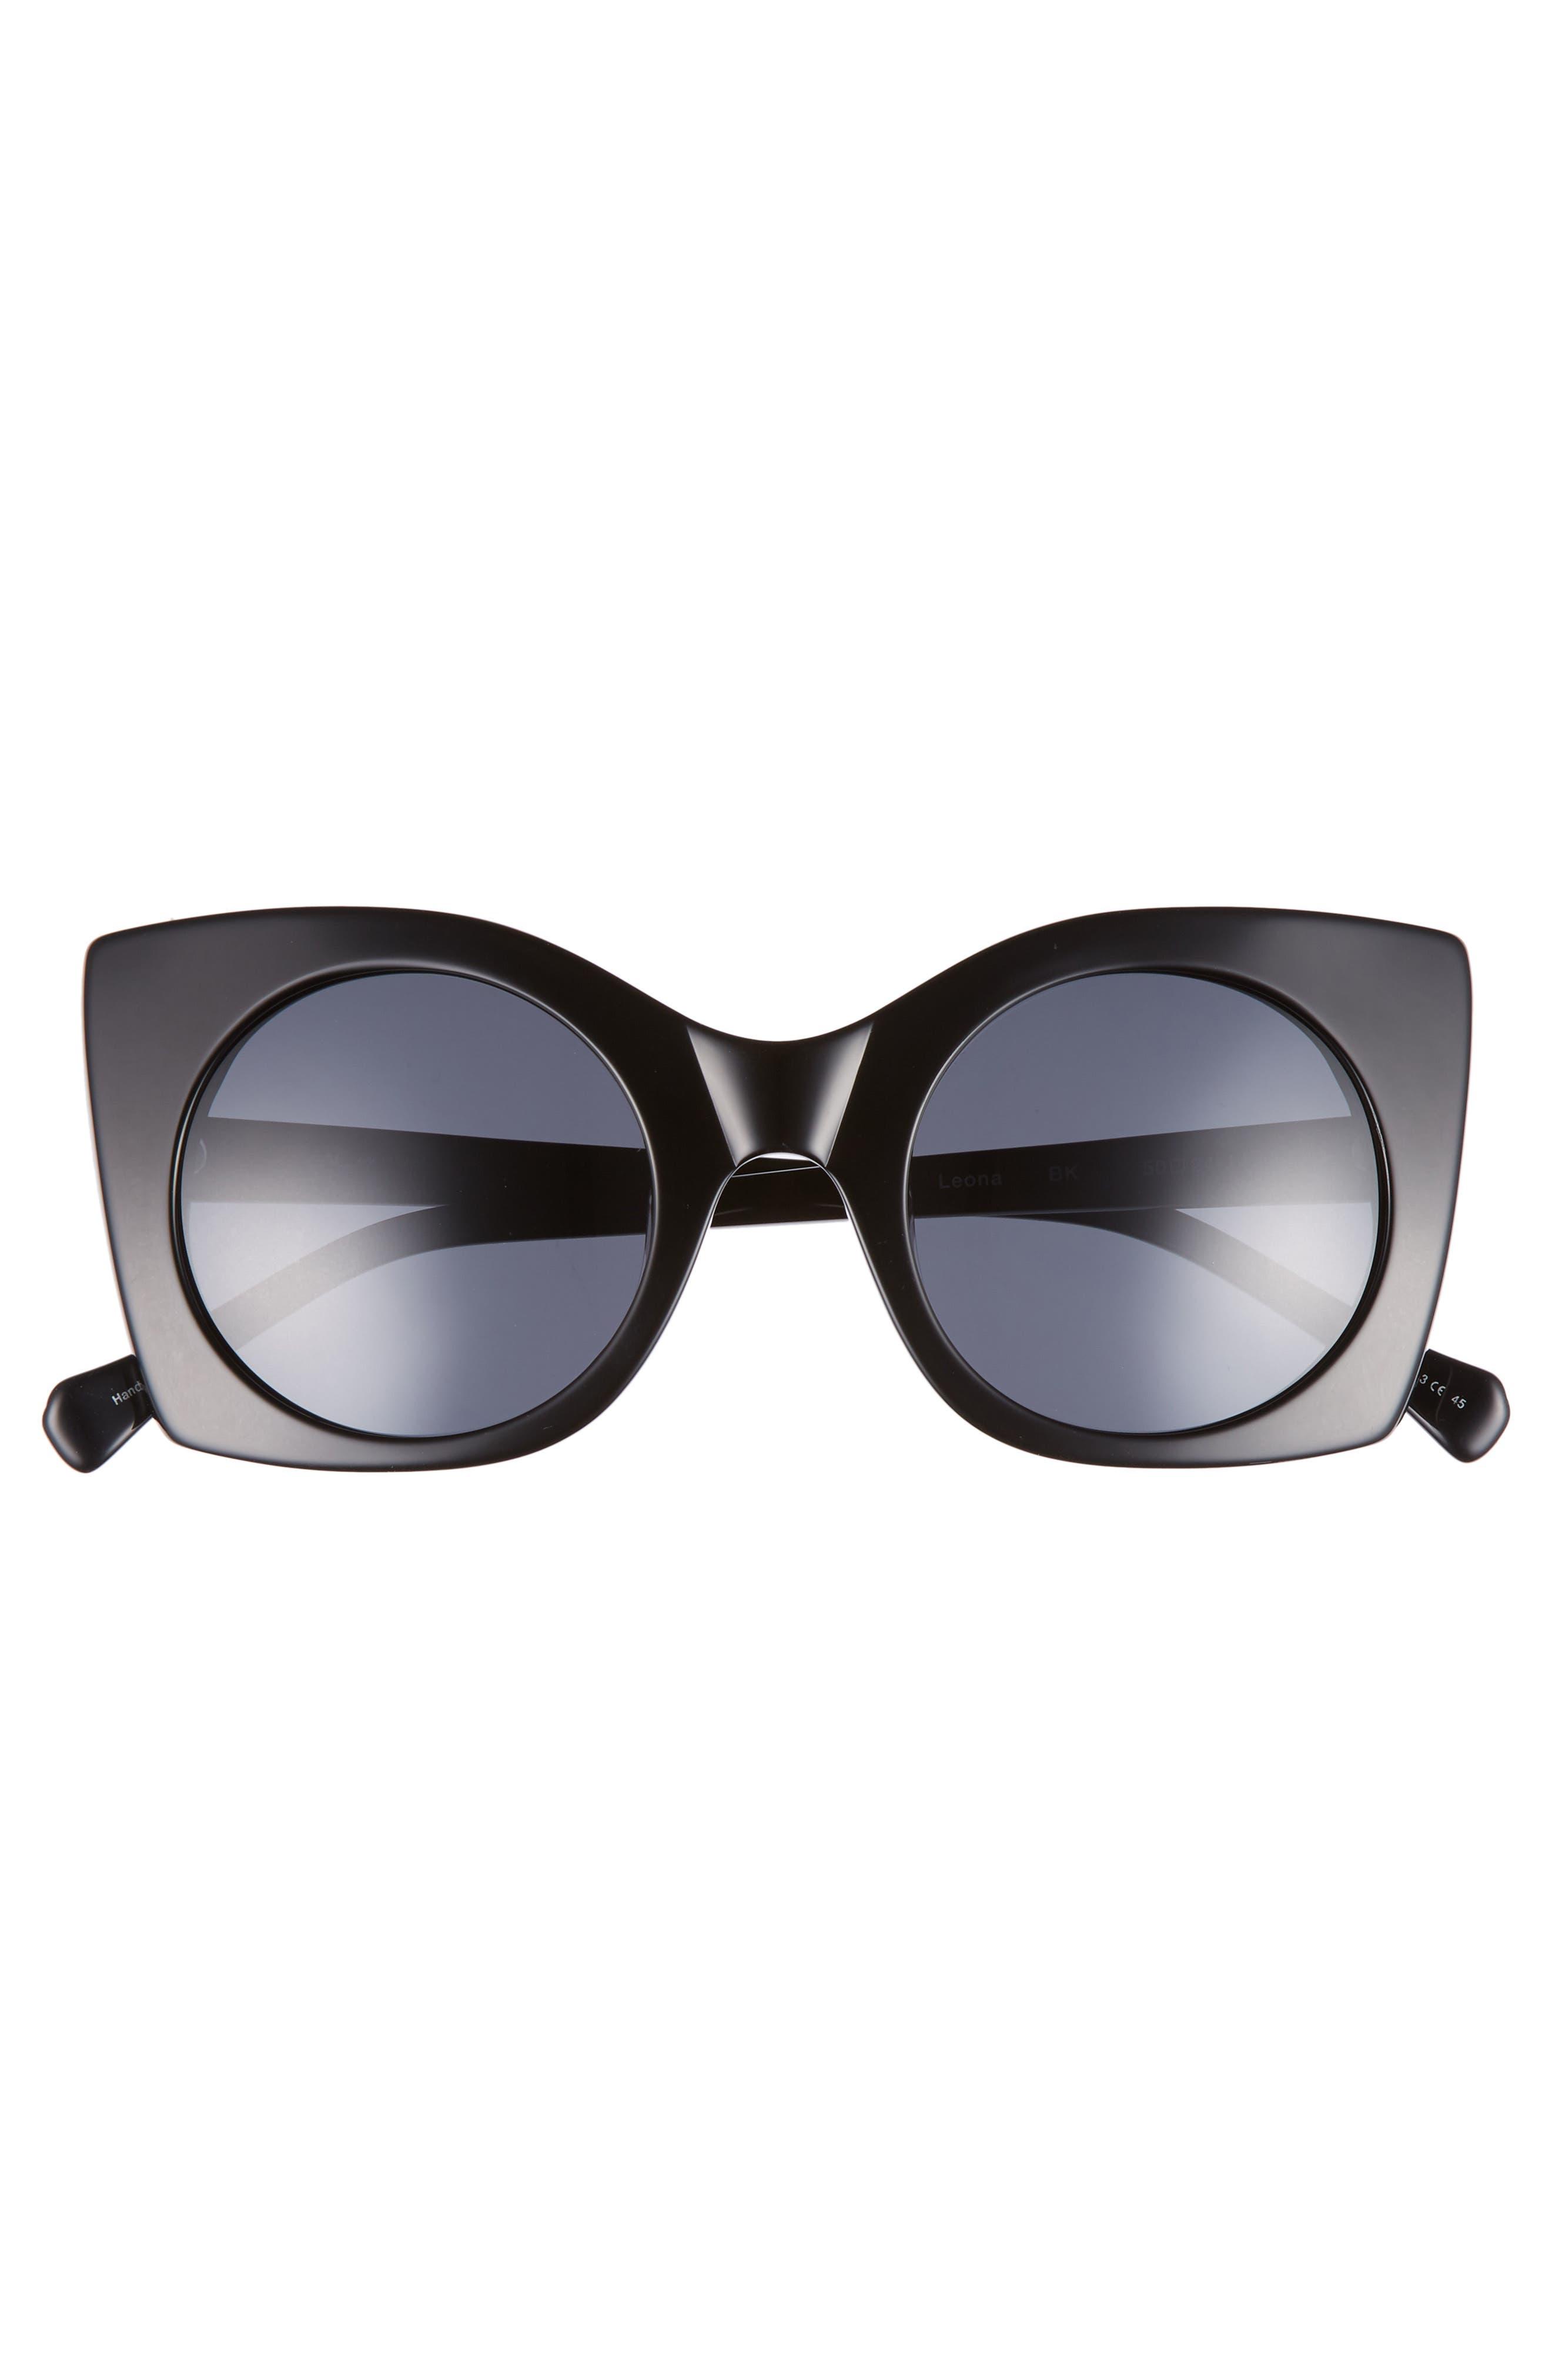 Leona 50mm Polarized Sunglasses,                             Alternate thumbnail 3, color,                             BLACK POLAR